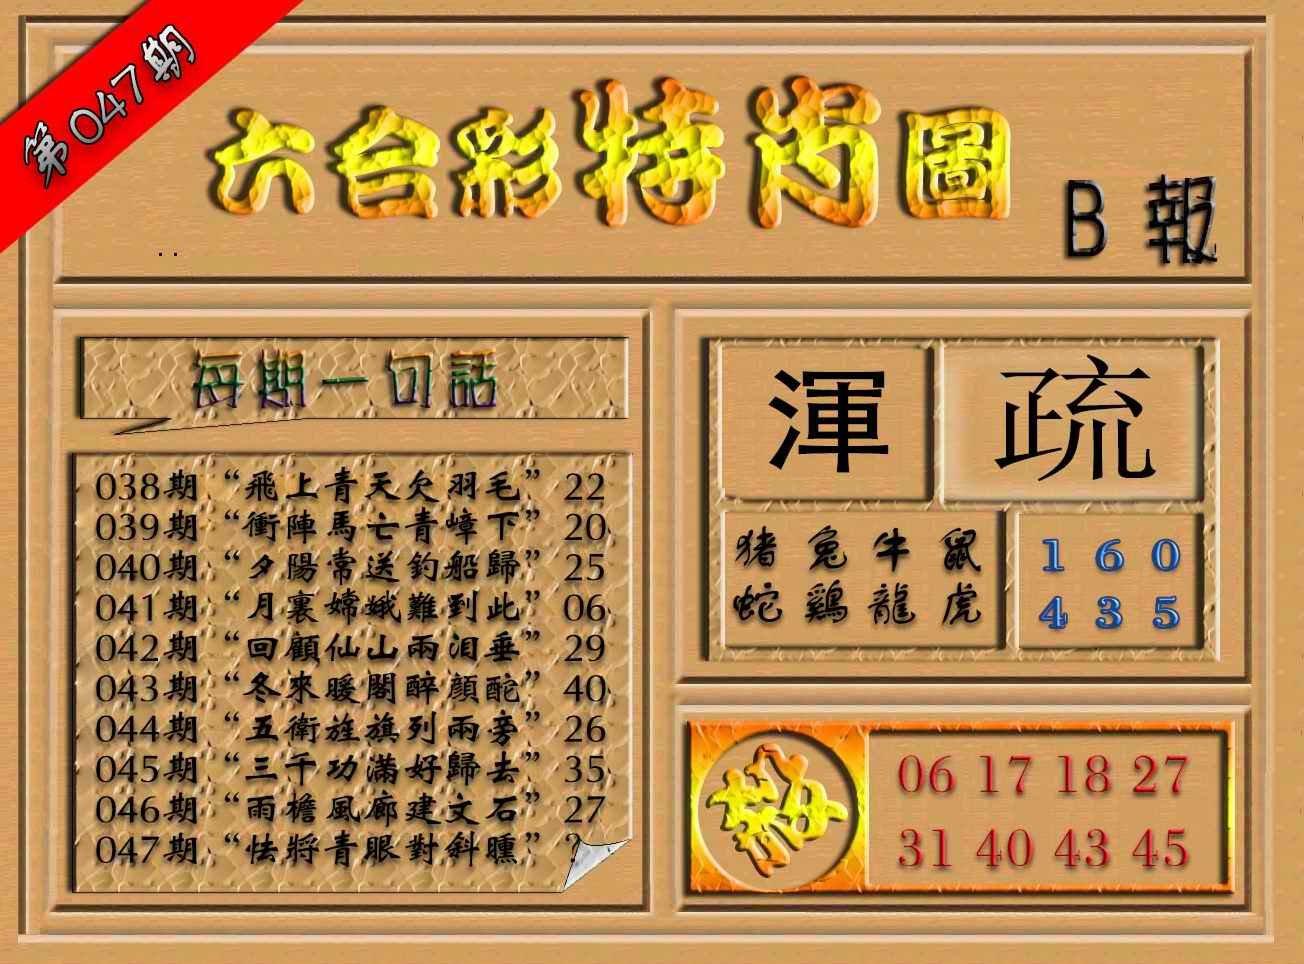 047期六合彩特肖图(B报)